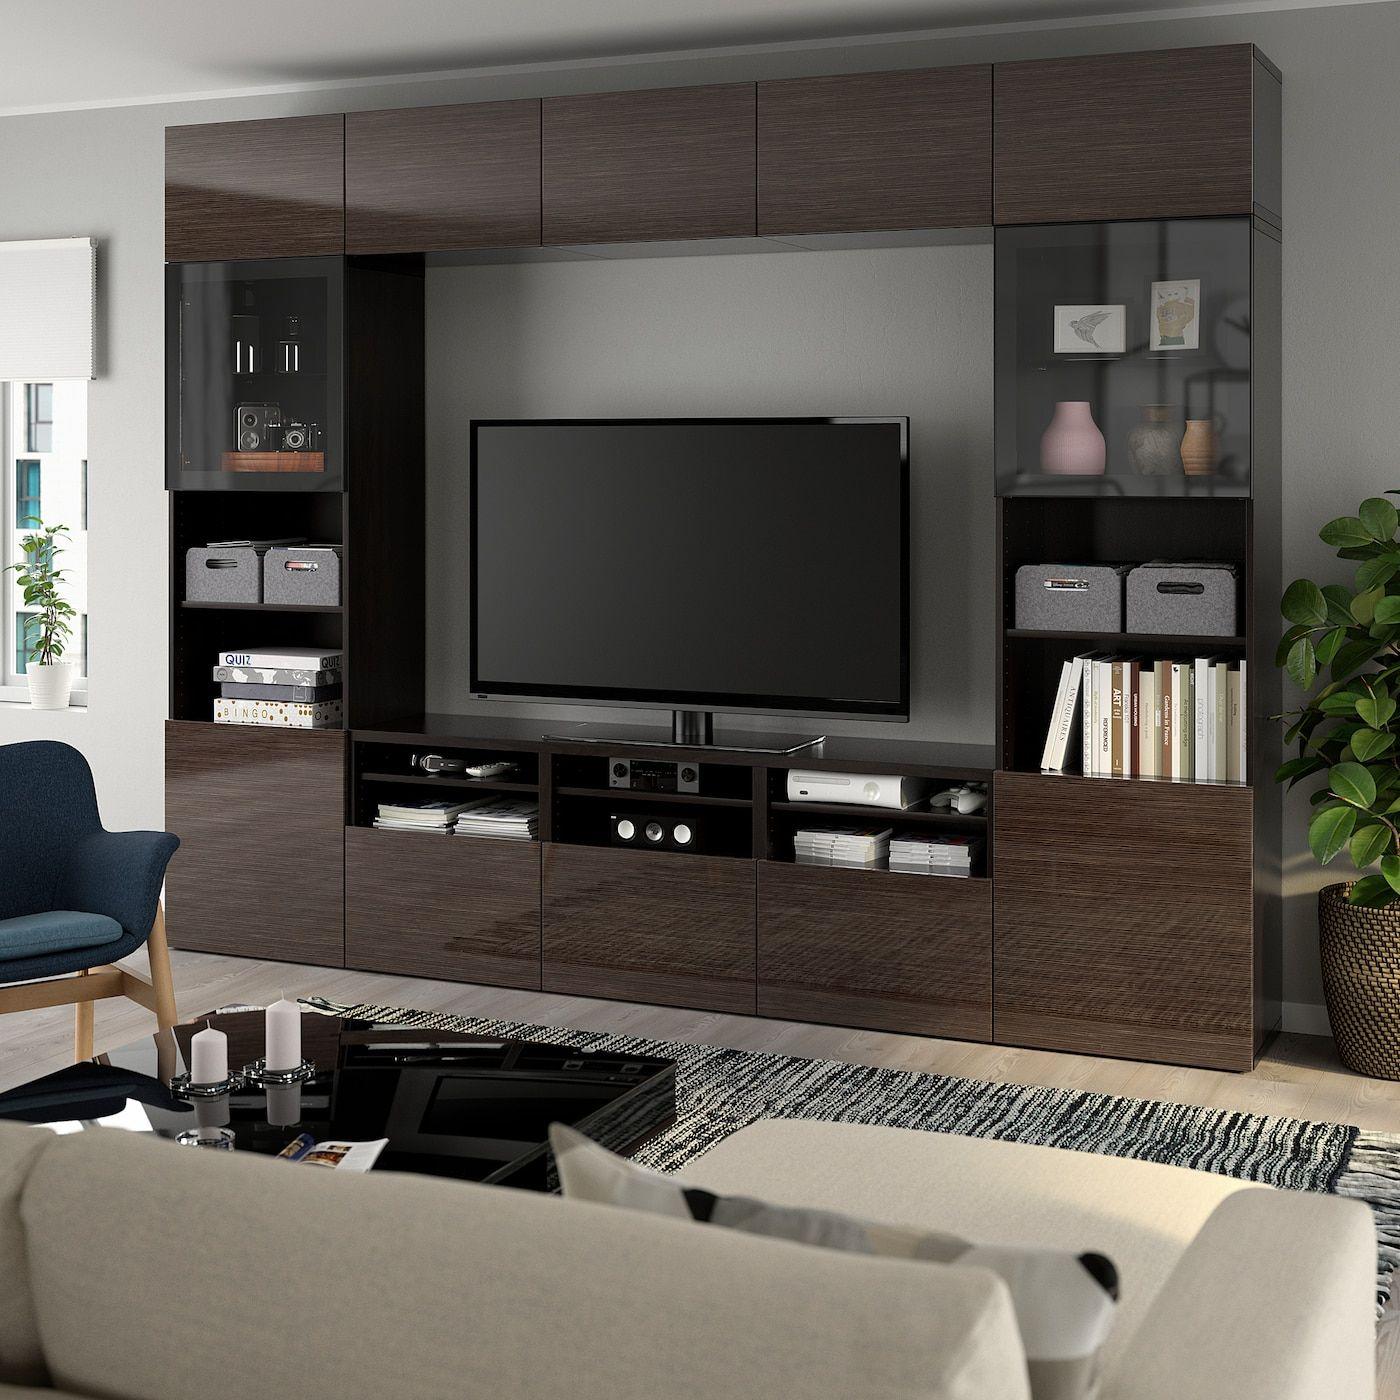 Ikea Besta Tv Storage Combination Glass Doors Black Brown